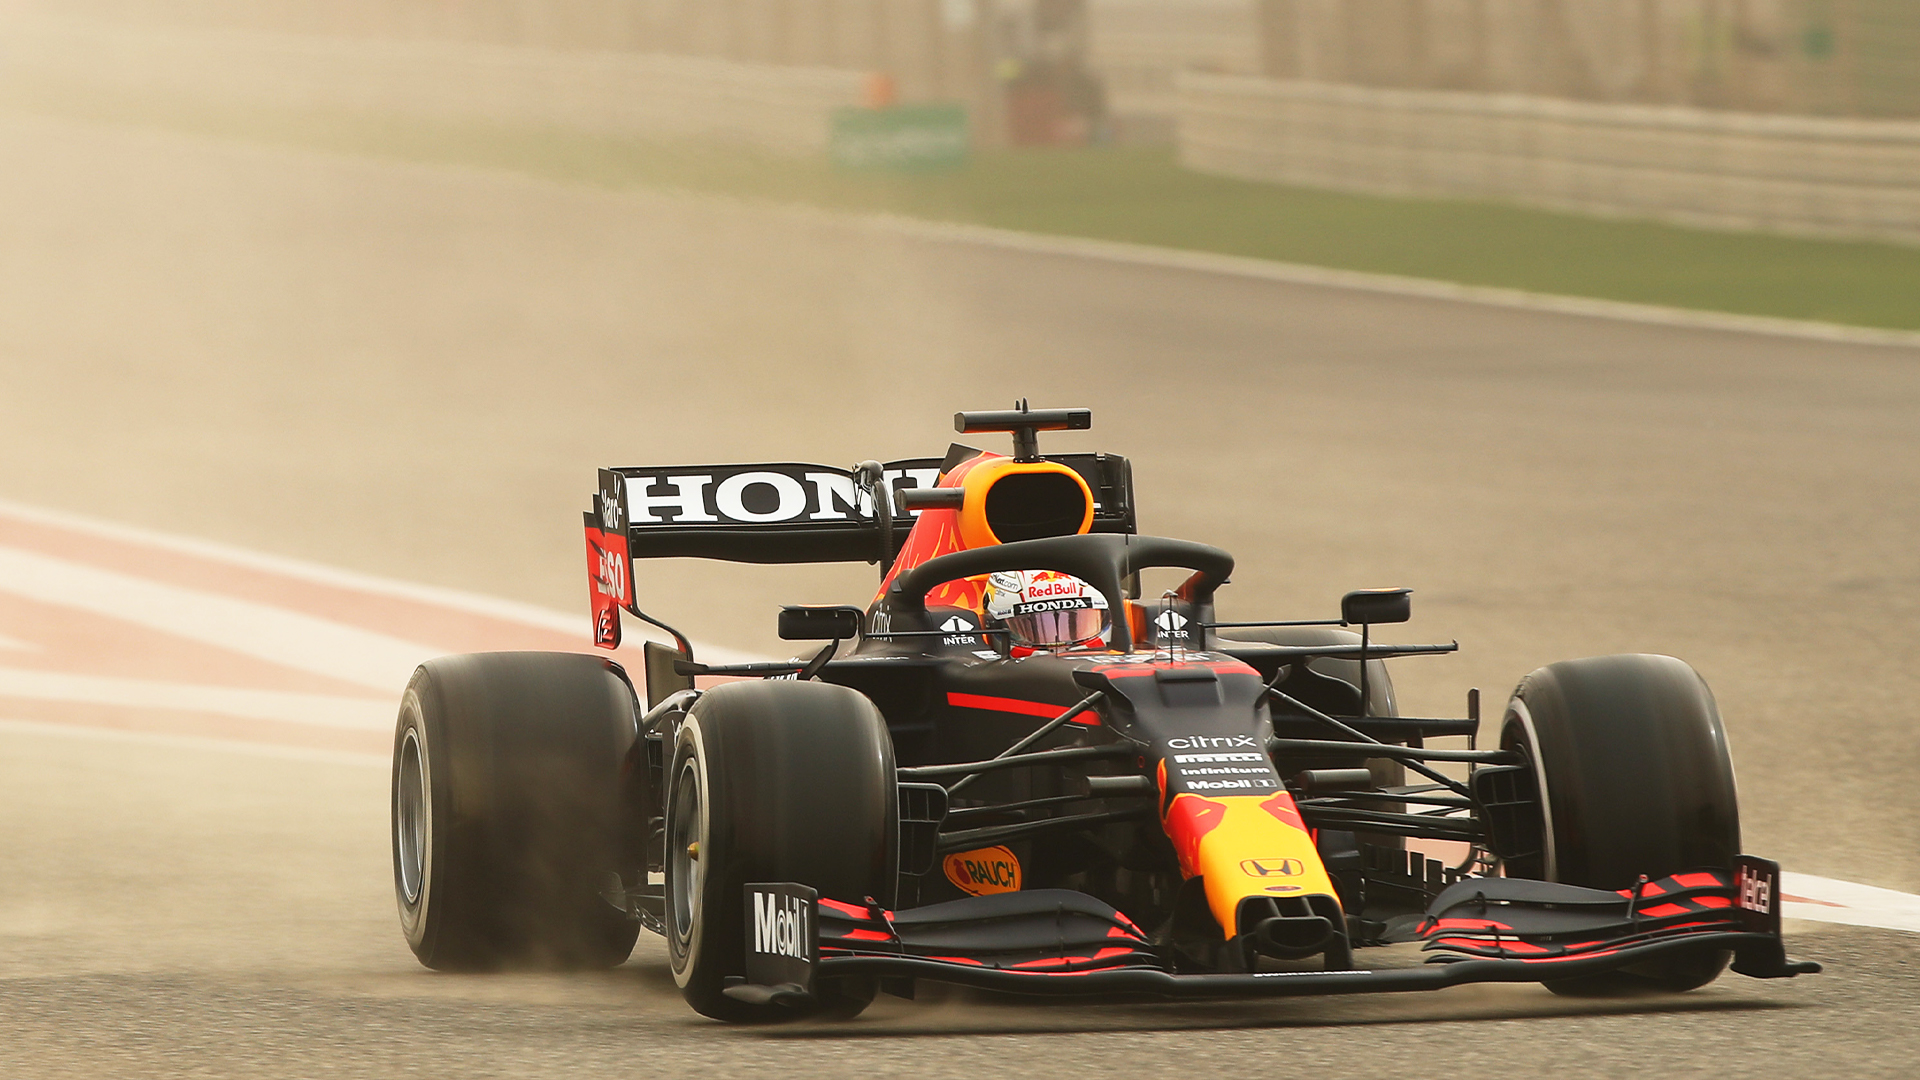 Verstappen encabeza el día 1 de las pruebas de pretemporada